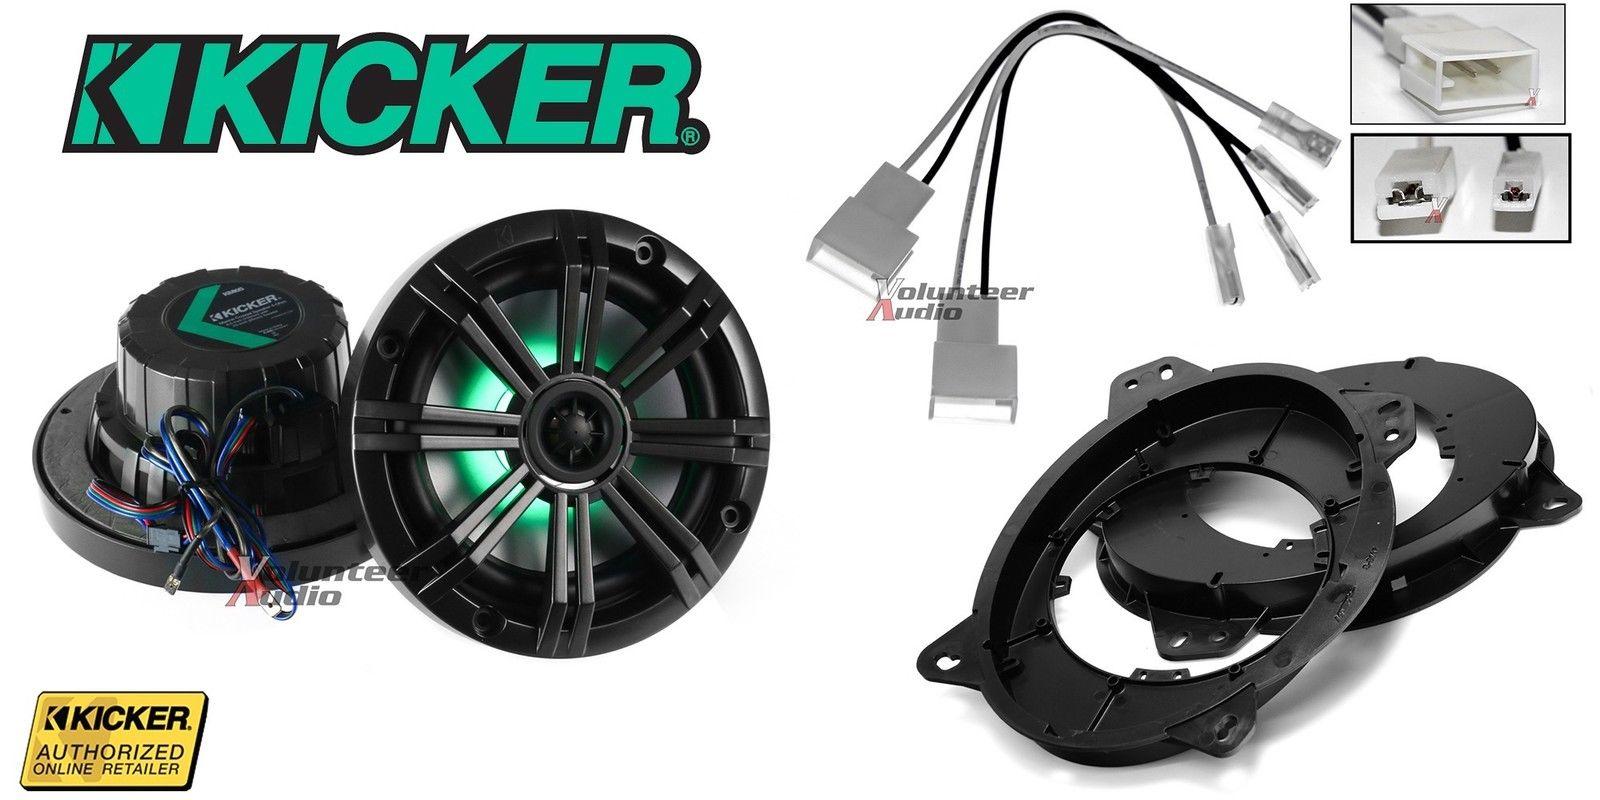 2007~現行 USトヨタ タンドラ用 キッカー社製LED付き フロントスピーカー左右+取付フルキット[国内最安値に挑戦][KICKER][音質アップ][アメ車][逆輸入車][デイブレイク]